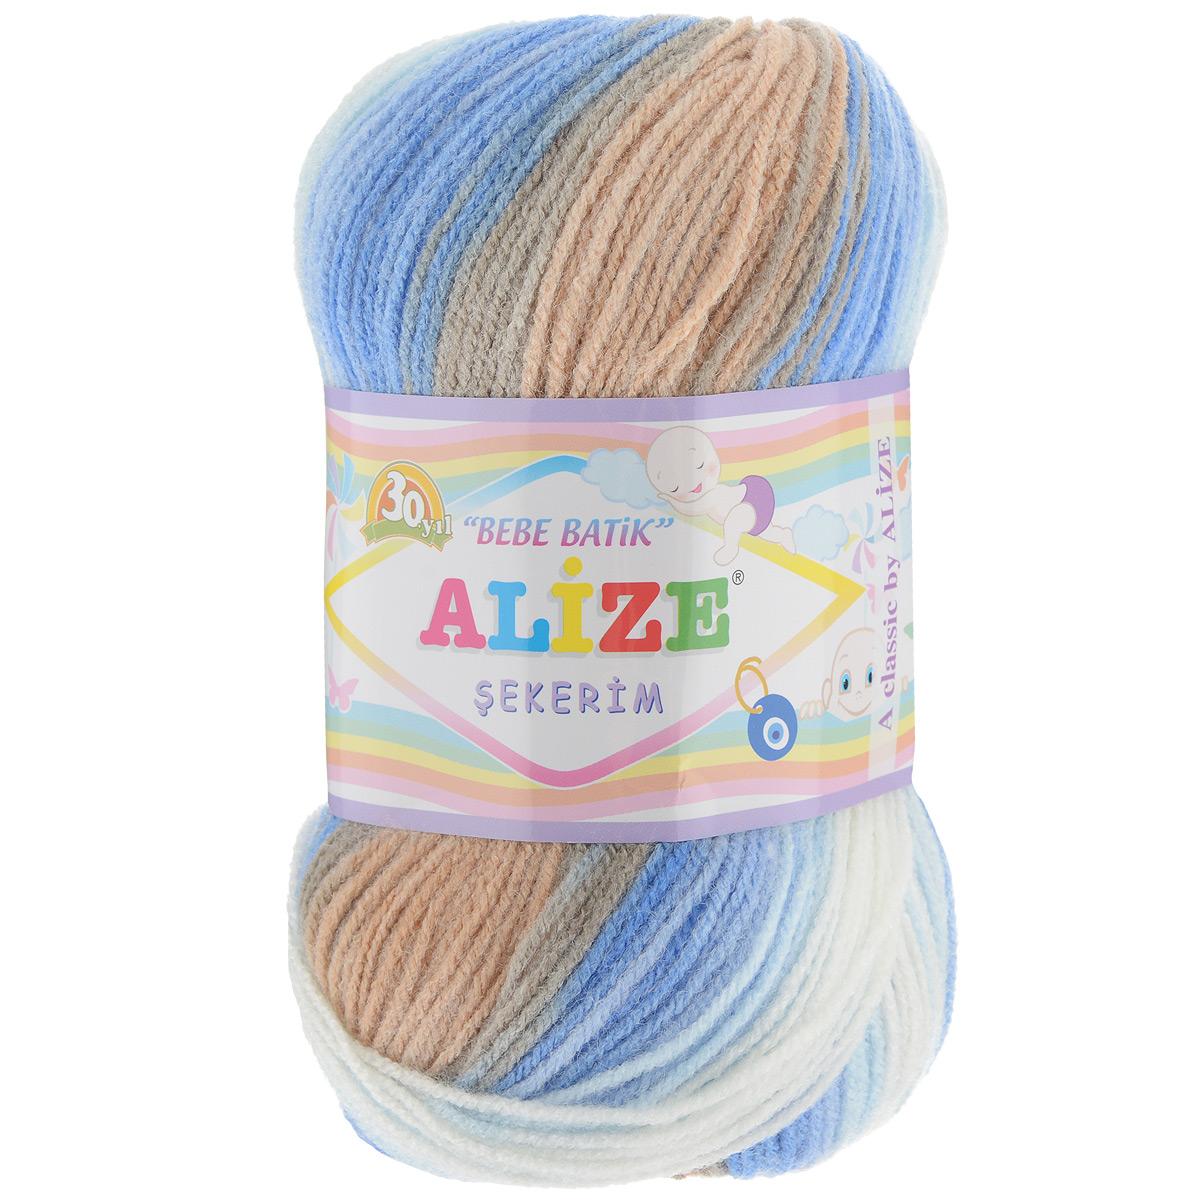 Пряжа для вязания Alize Sekerim Bebe Batik, цвет: бежевый, белый, голубой (3921), 320 м, 100 г, 5 шт364106_3921Пряжа для вязания Alize Sekerim Bebe Batik изготовлена из акрила. Фантазийная пряжа для ручного вязания отлично подойдет для детских вещей. Ниточка мягкая и приятная на ощупь. Подходит для вязания спицами и крючком. Рекомендованные спицы 3-4 мм и крючок для вязания 2-4 мм. Состав: 100% акрил.